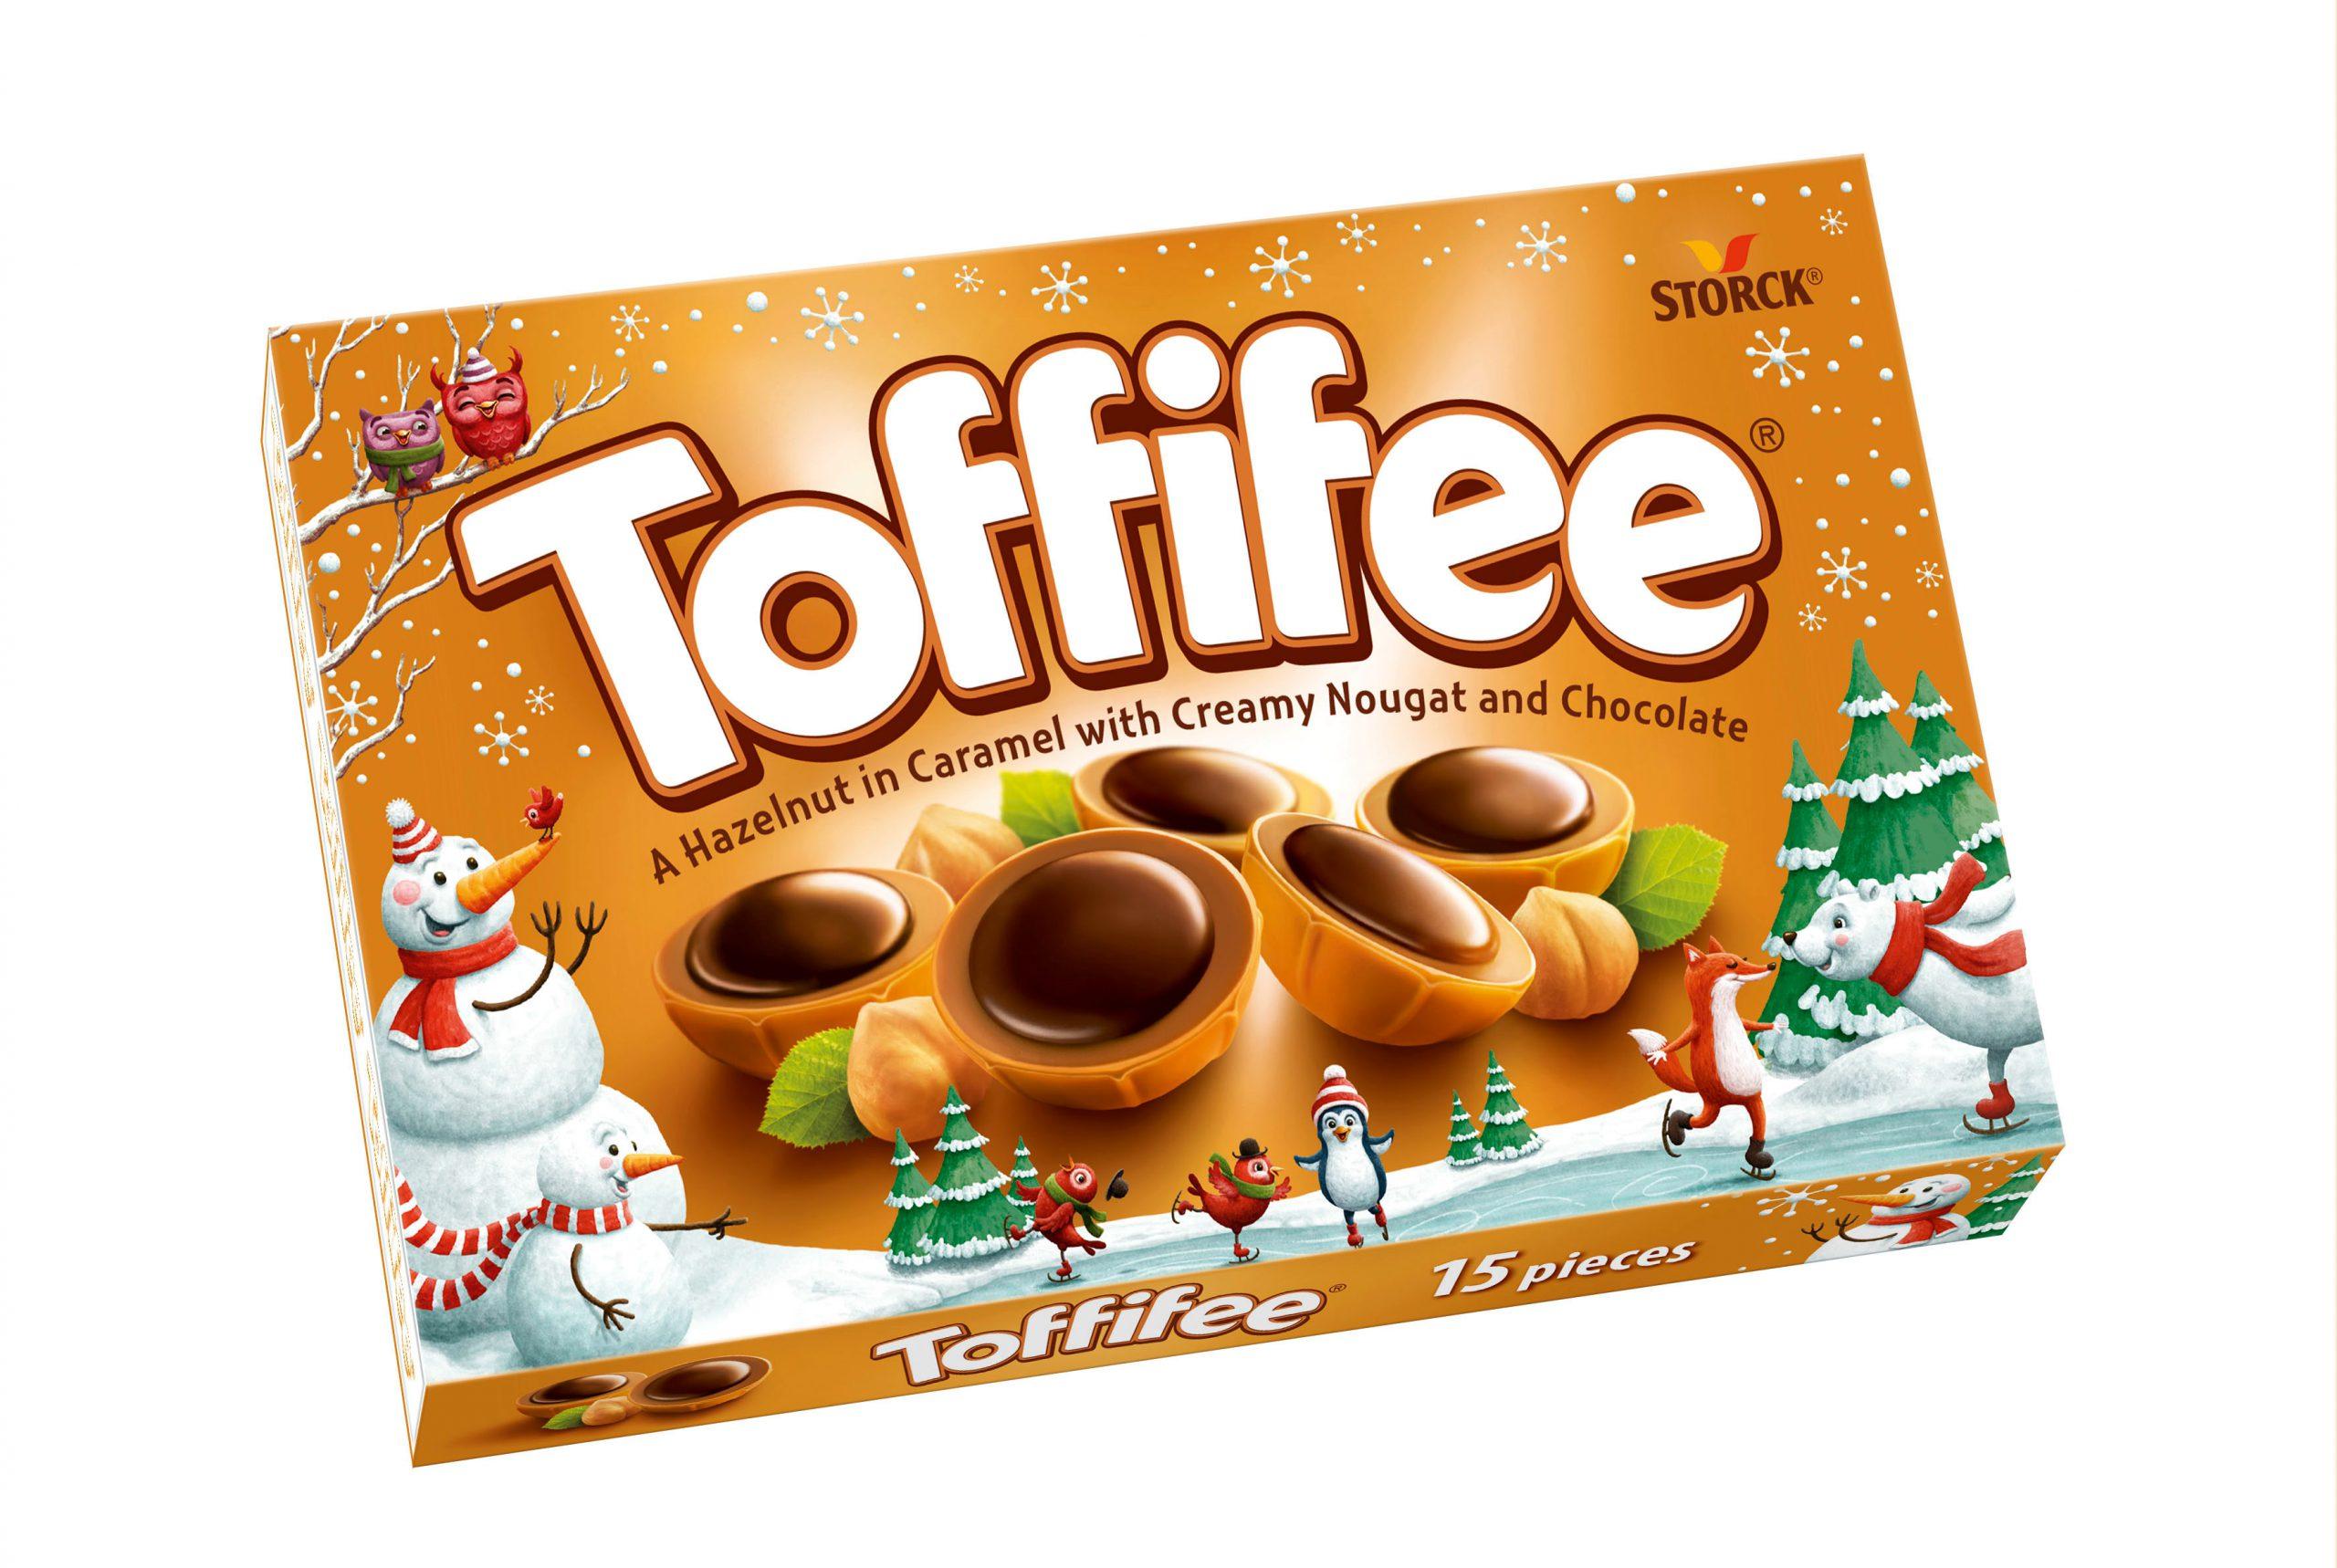 Świąteczna kampania Toffifee